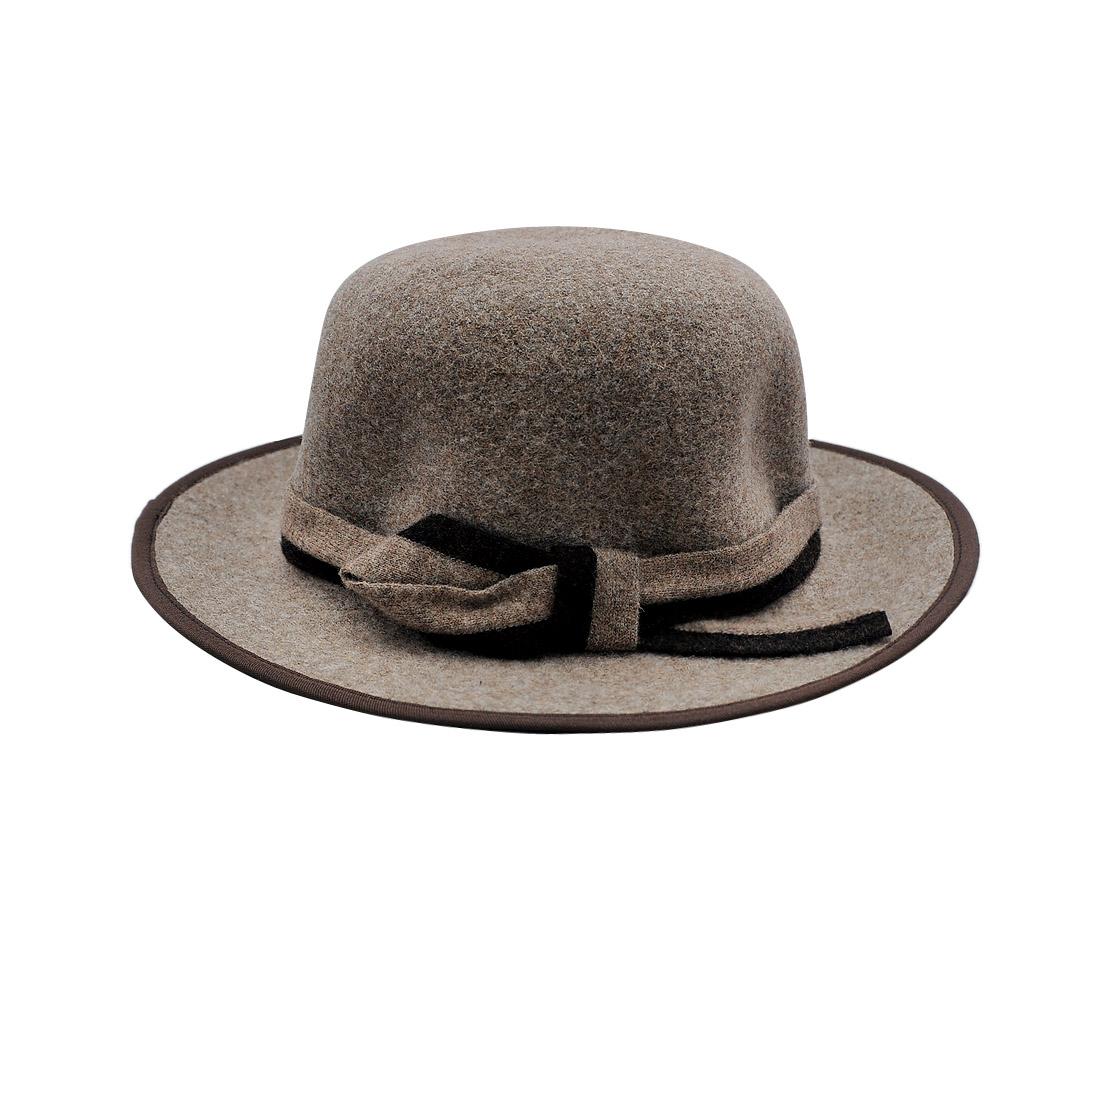 Mũ vành dạ nữ thời trang cao cấp màu xám EH39-4